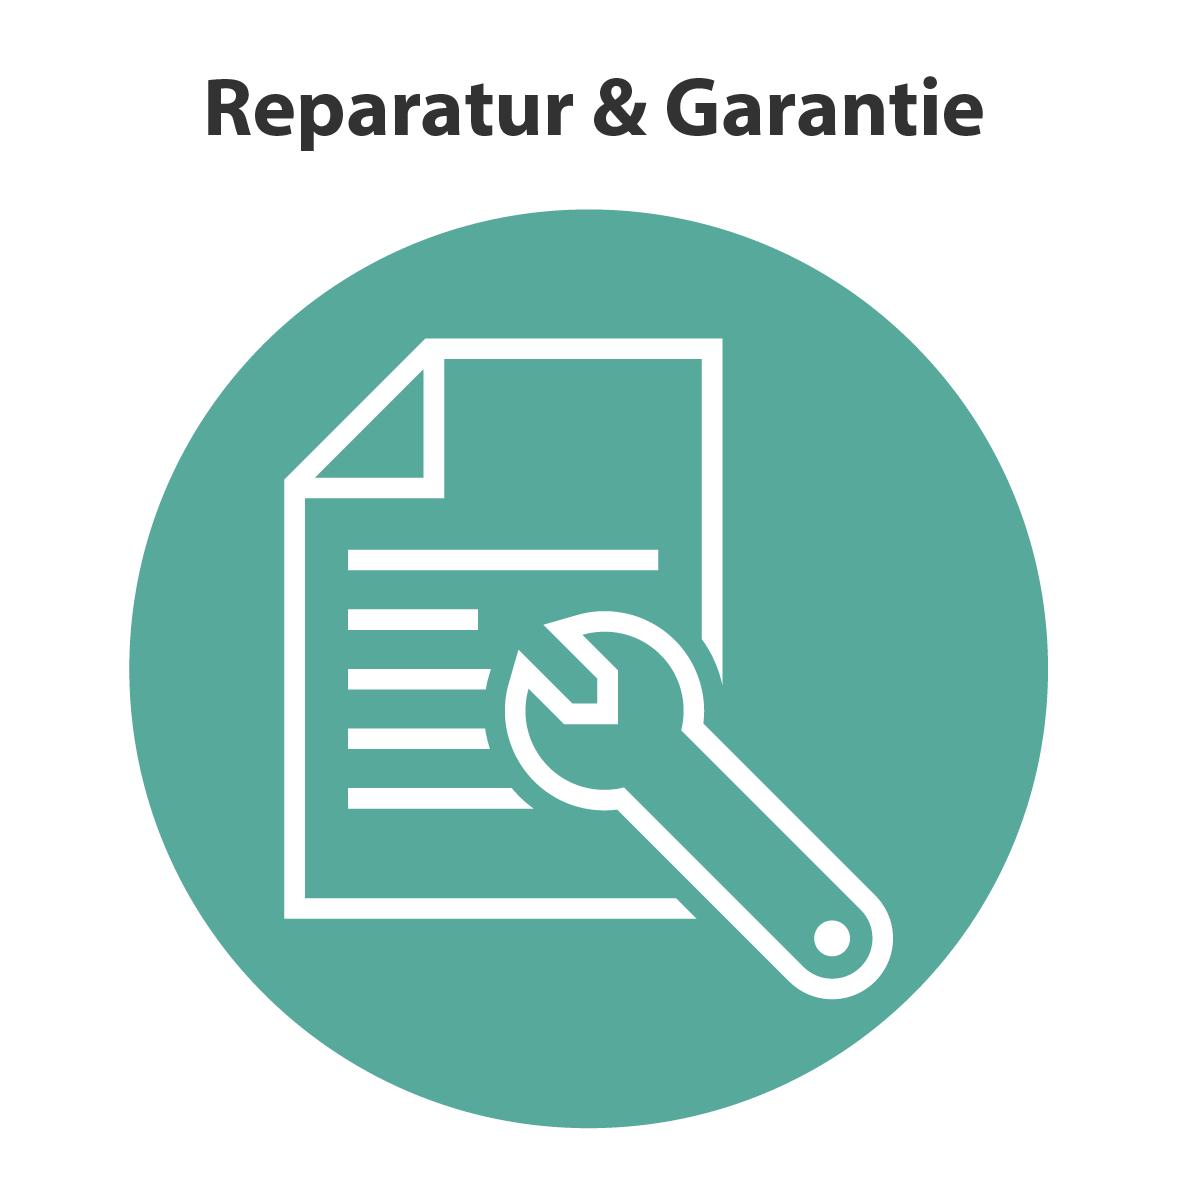 Reparatur & Garantie